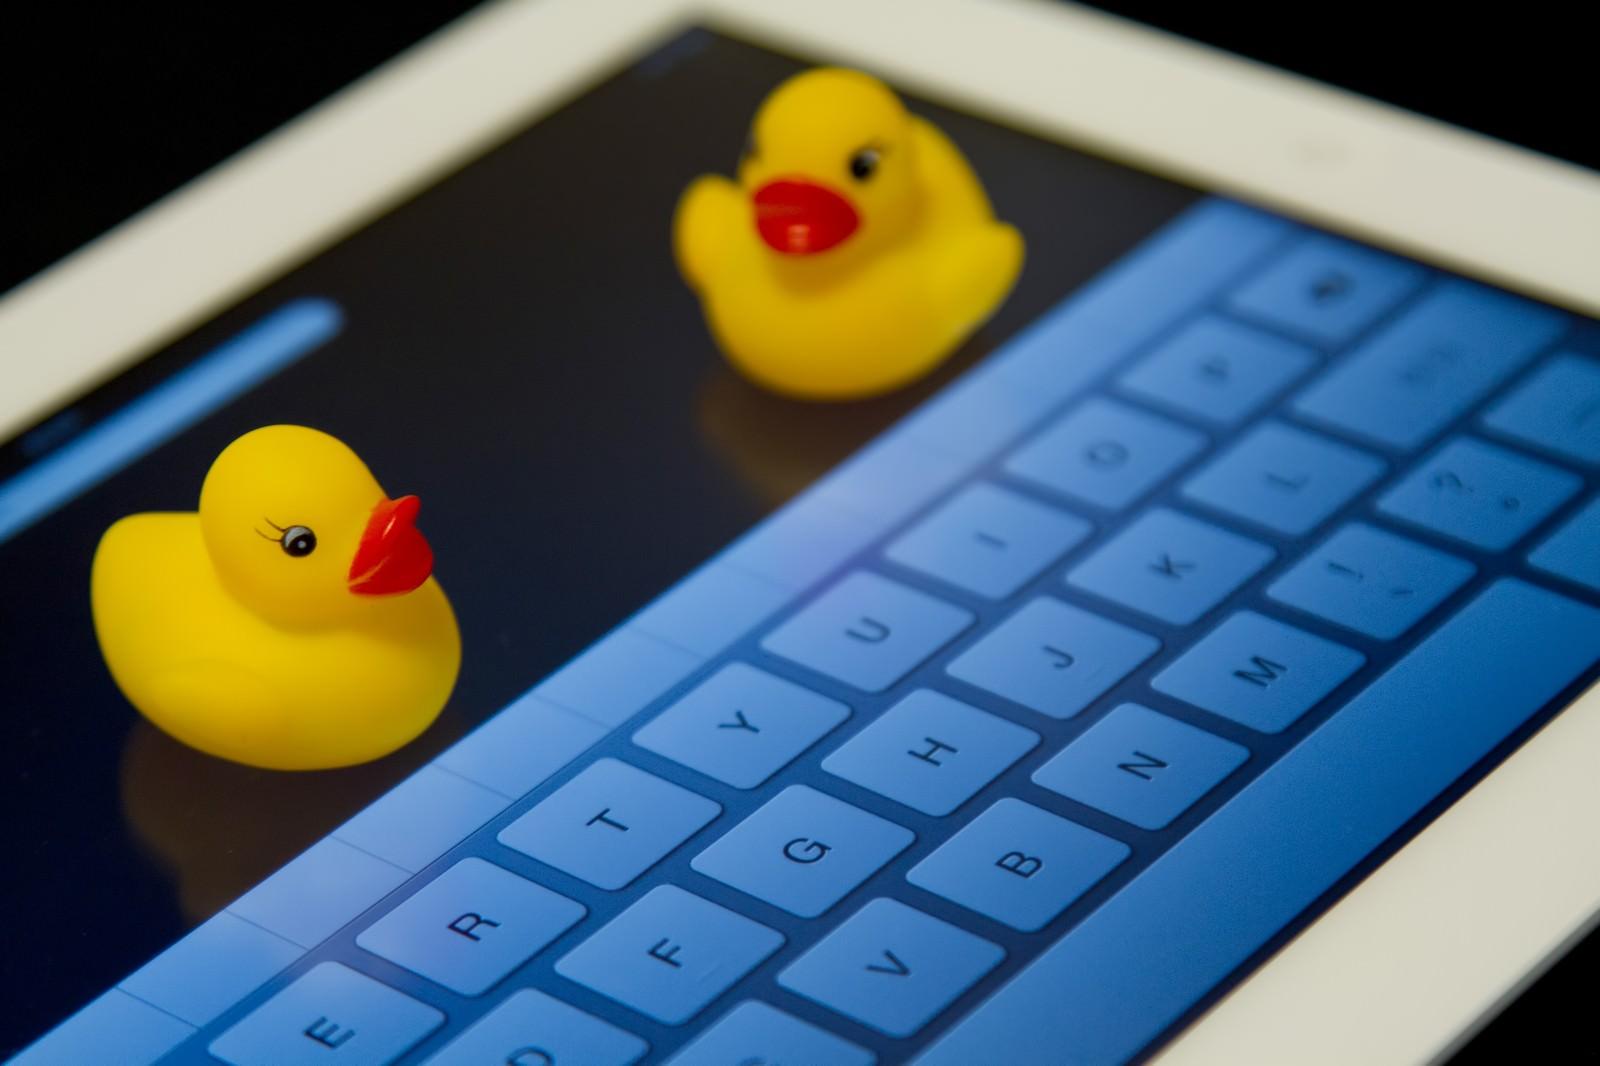 「タブレットとキーボードとあひるちゃん」の写真